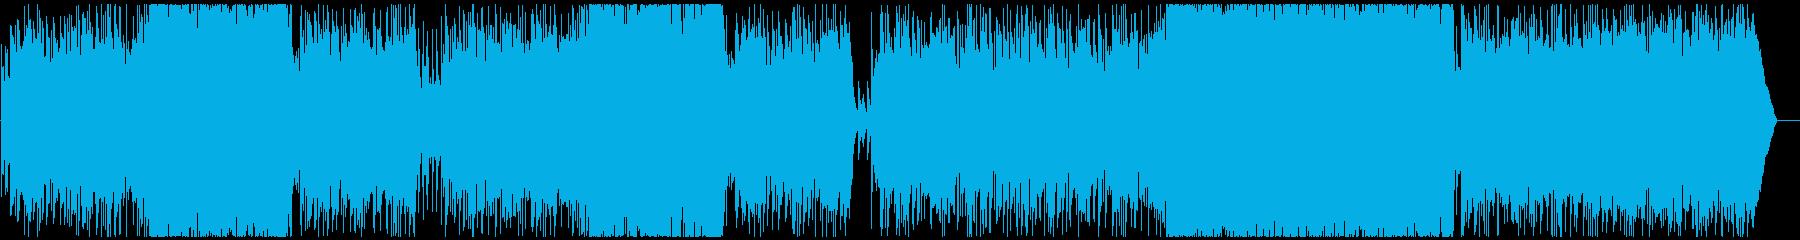 元気でパワフルなオープニングロックですの再生済みの波形